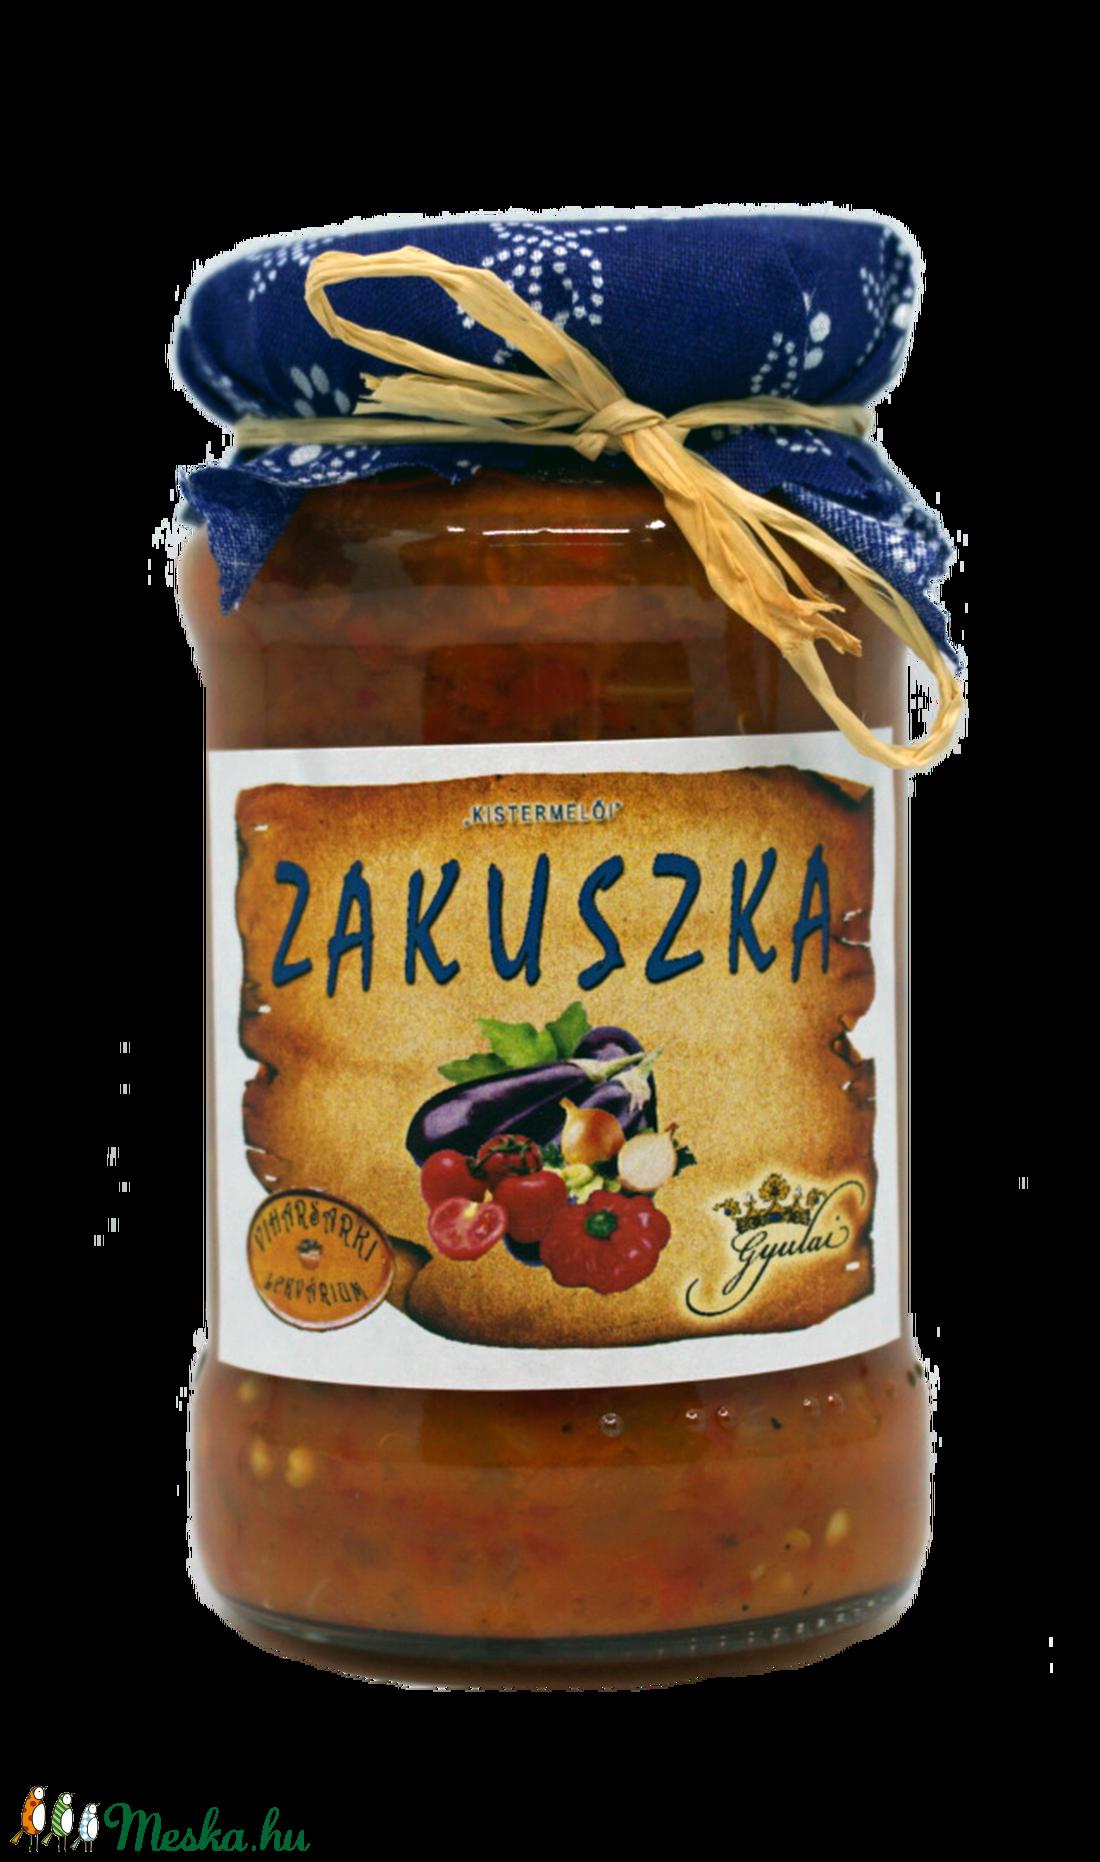 Zakuszka - Meska.hu